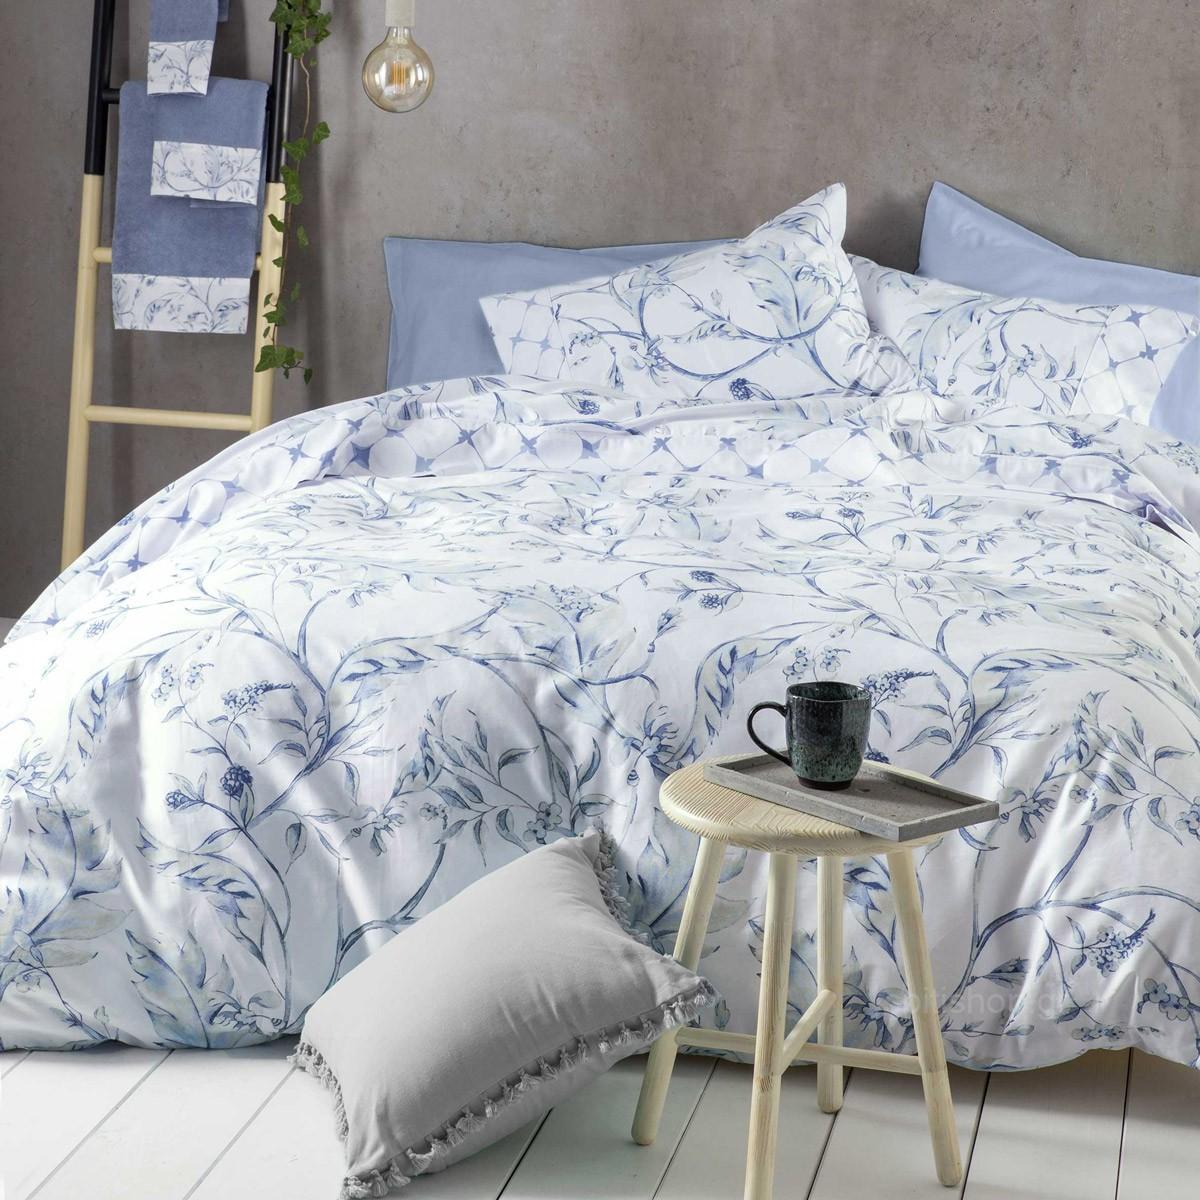 Σεντόνια King Size (Σετ) Nima Bed Linen Oriana Blue